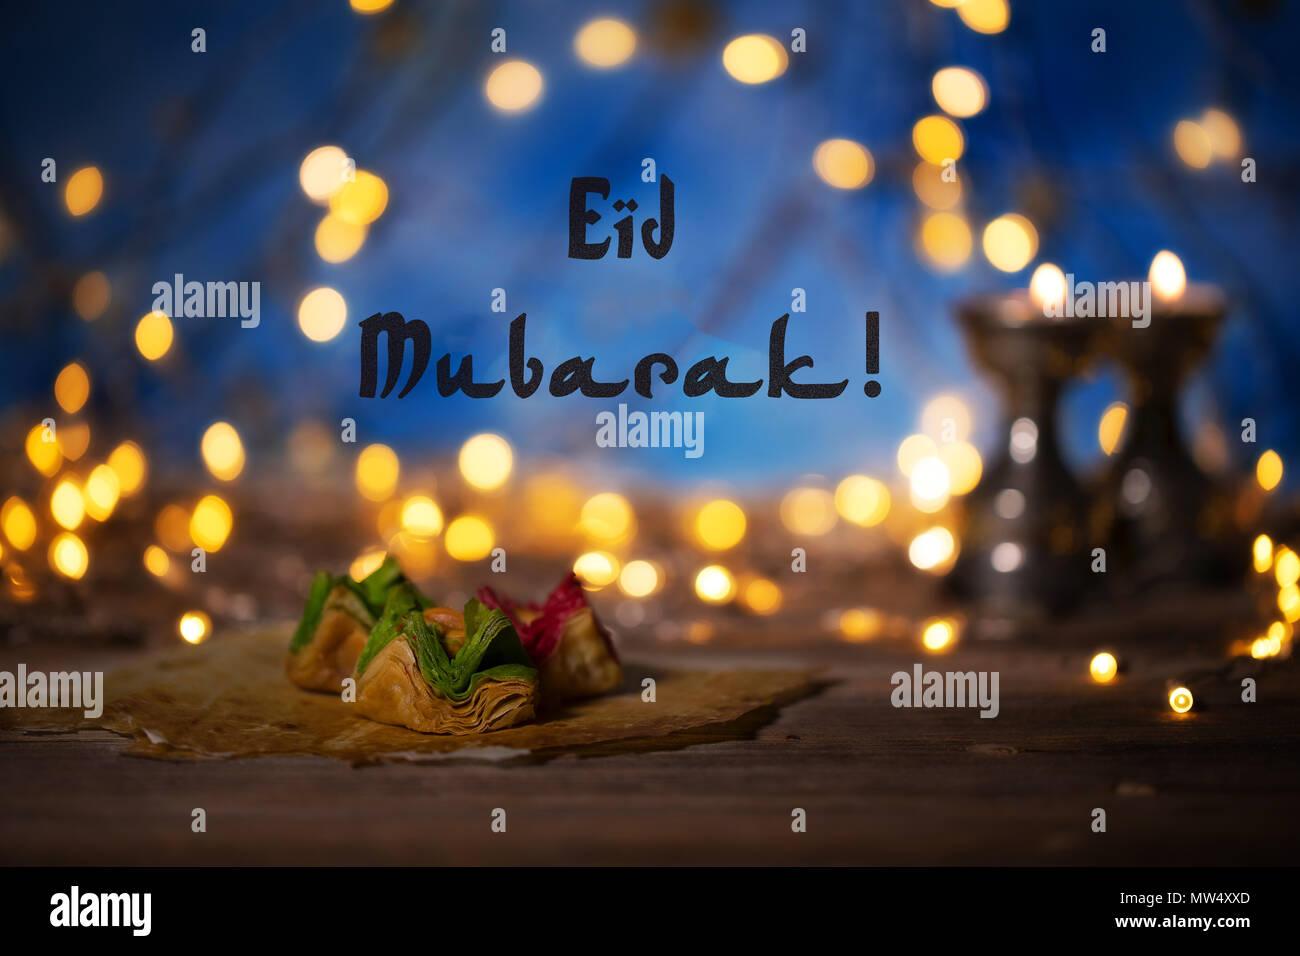 Felicitación: Eid Mubarak! Dulces árabes sobre una superficie de madera. Portavelas, luz de noche y noche azul cielo con luna creciente en el fondo. Foto de stock